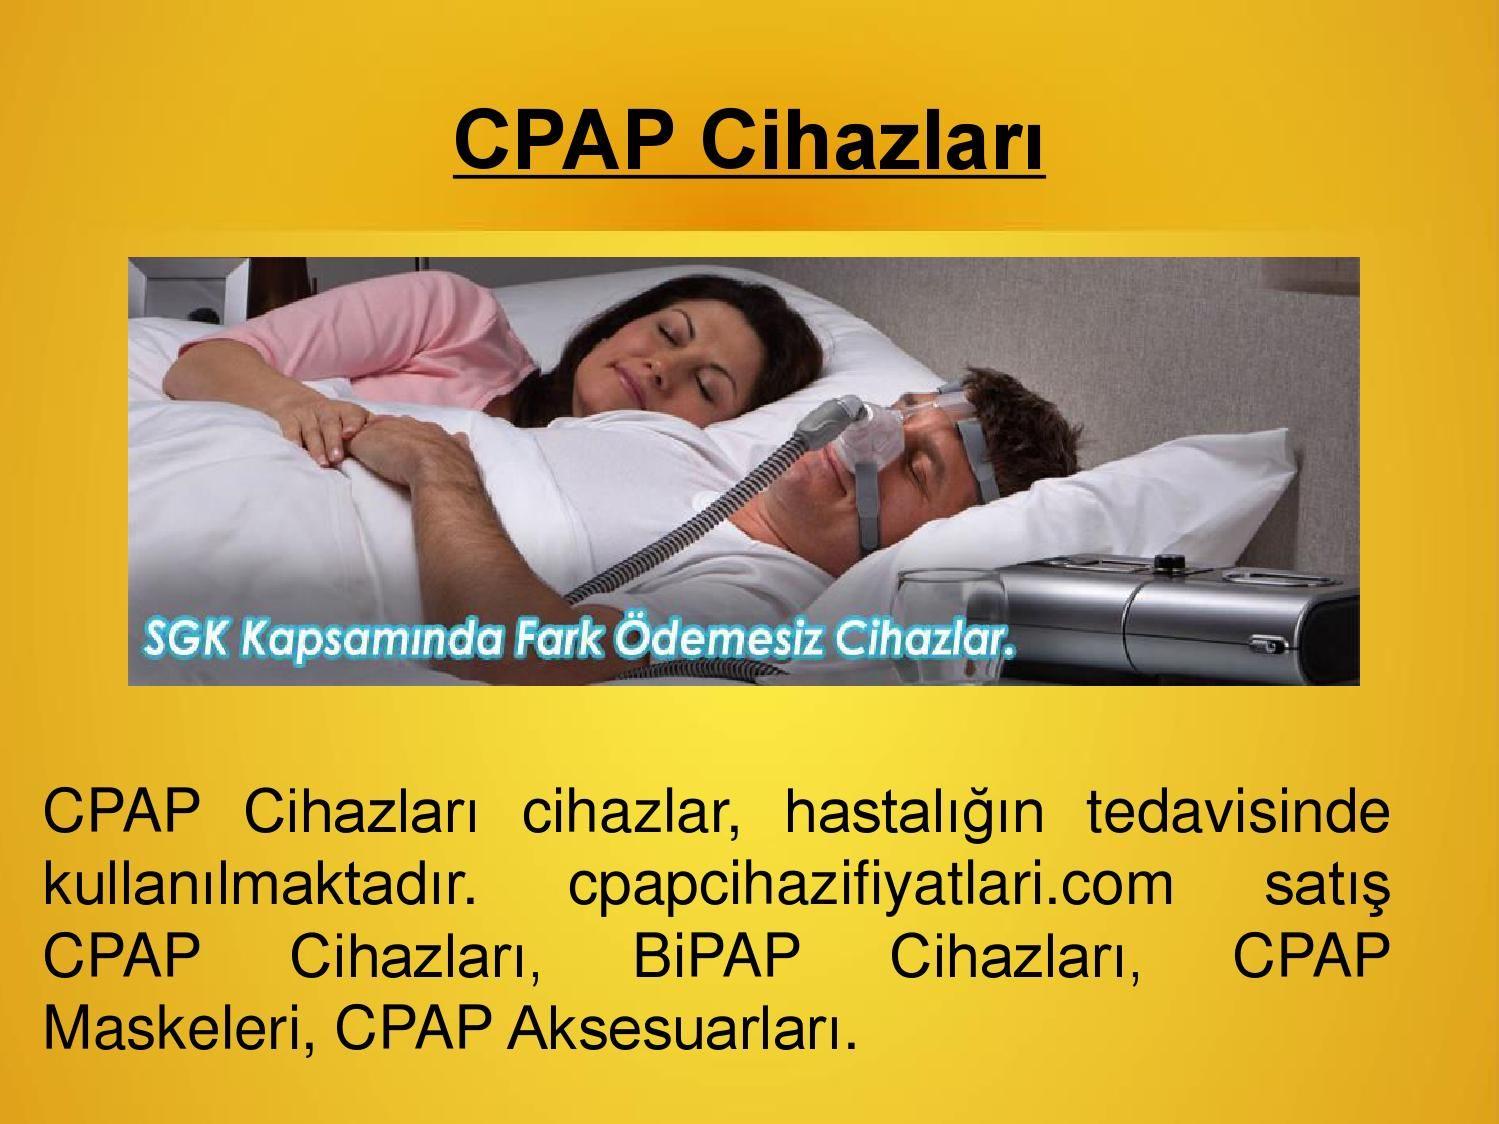 Cpap cihazi | medikal cihaz – cpapcihazifiyatlari com  cpapcihazifiyatlari.com satış CPAP Cihazları, BiPAP Cihazları, CPAP Maskeleri, CPAP Aksesuarları. Bu cihazlar, hastalığın tedavisinde kullanılmaktadır. Online Bu cihazları sipariş edebilirsiniz.    http://www.cpapcihazifiyatlari.com/